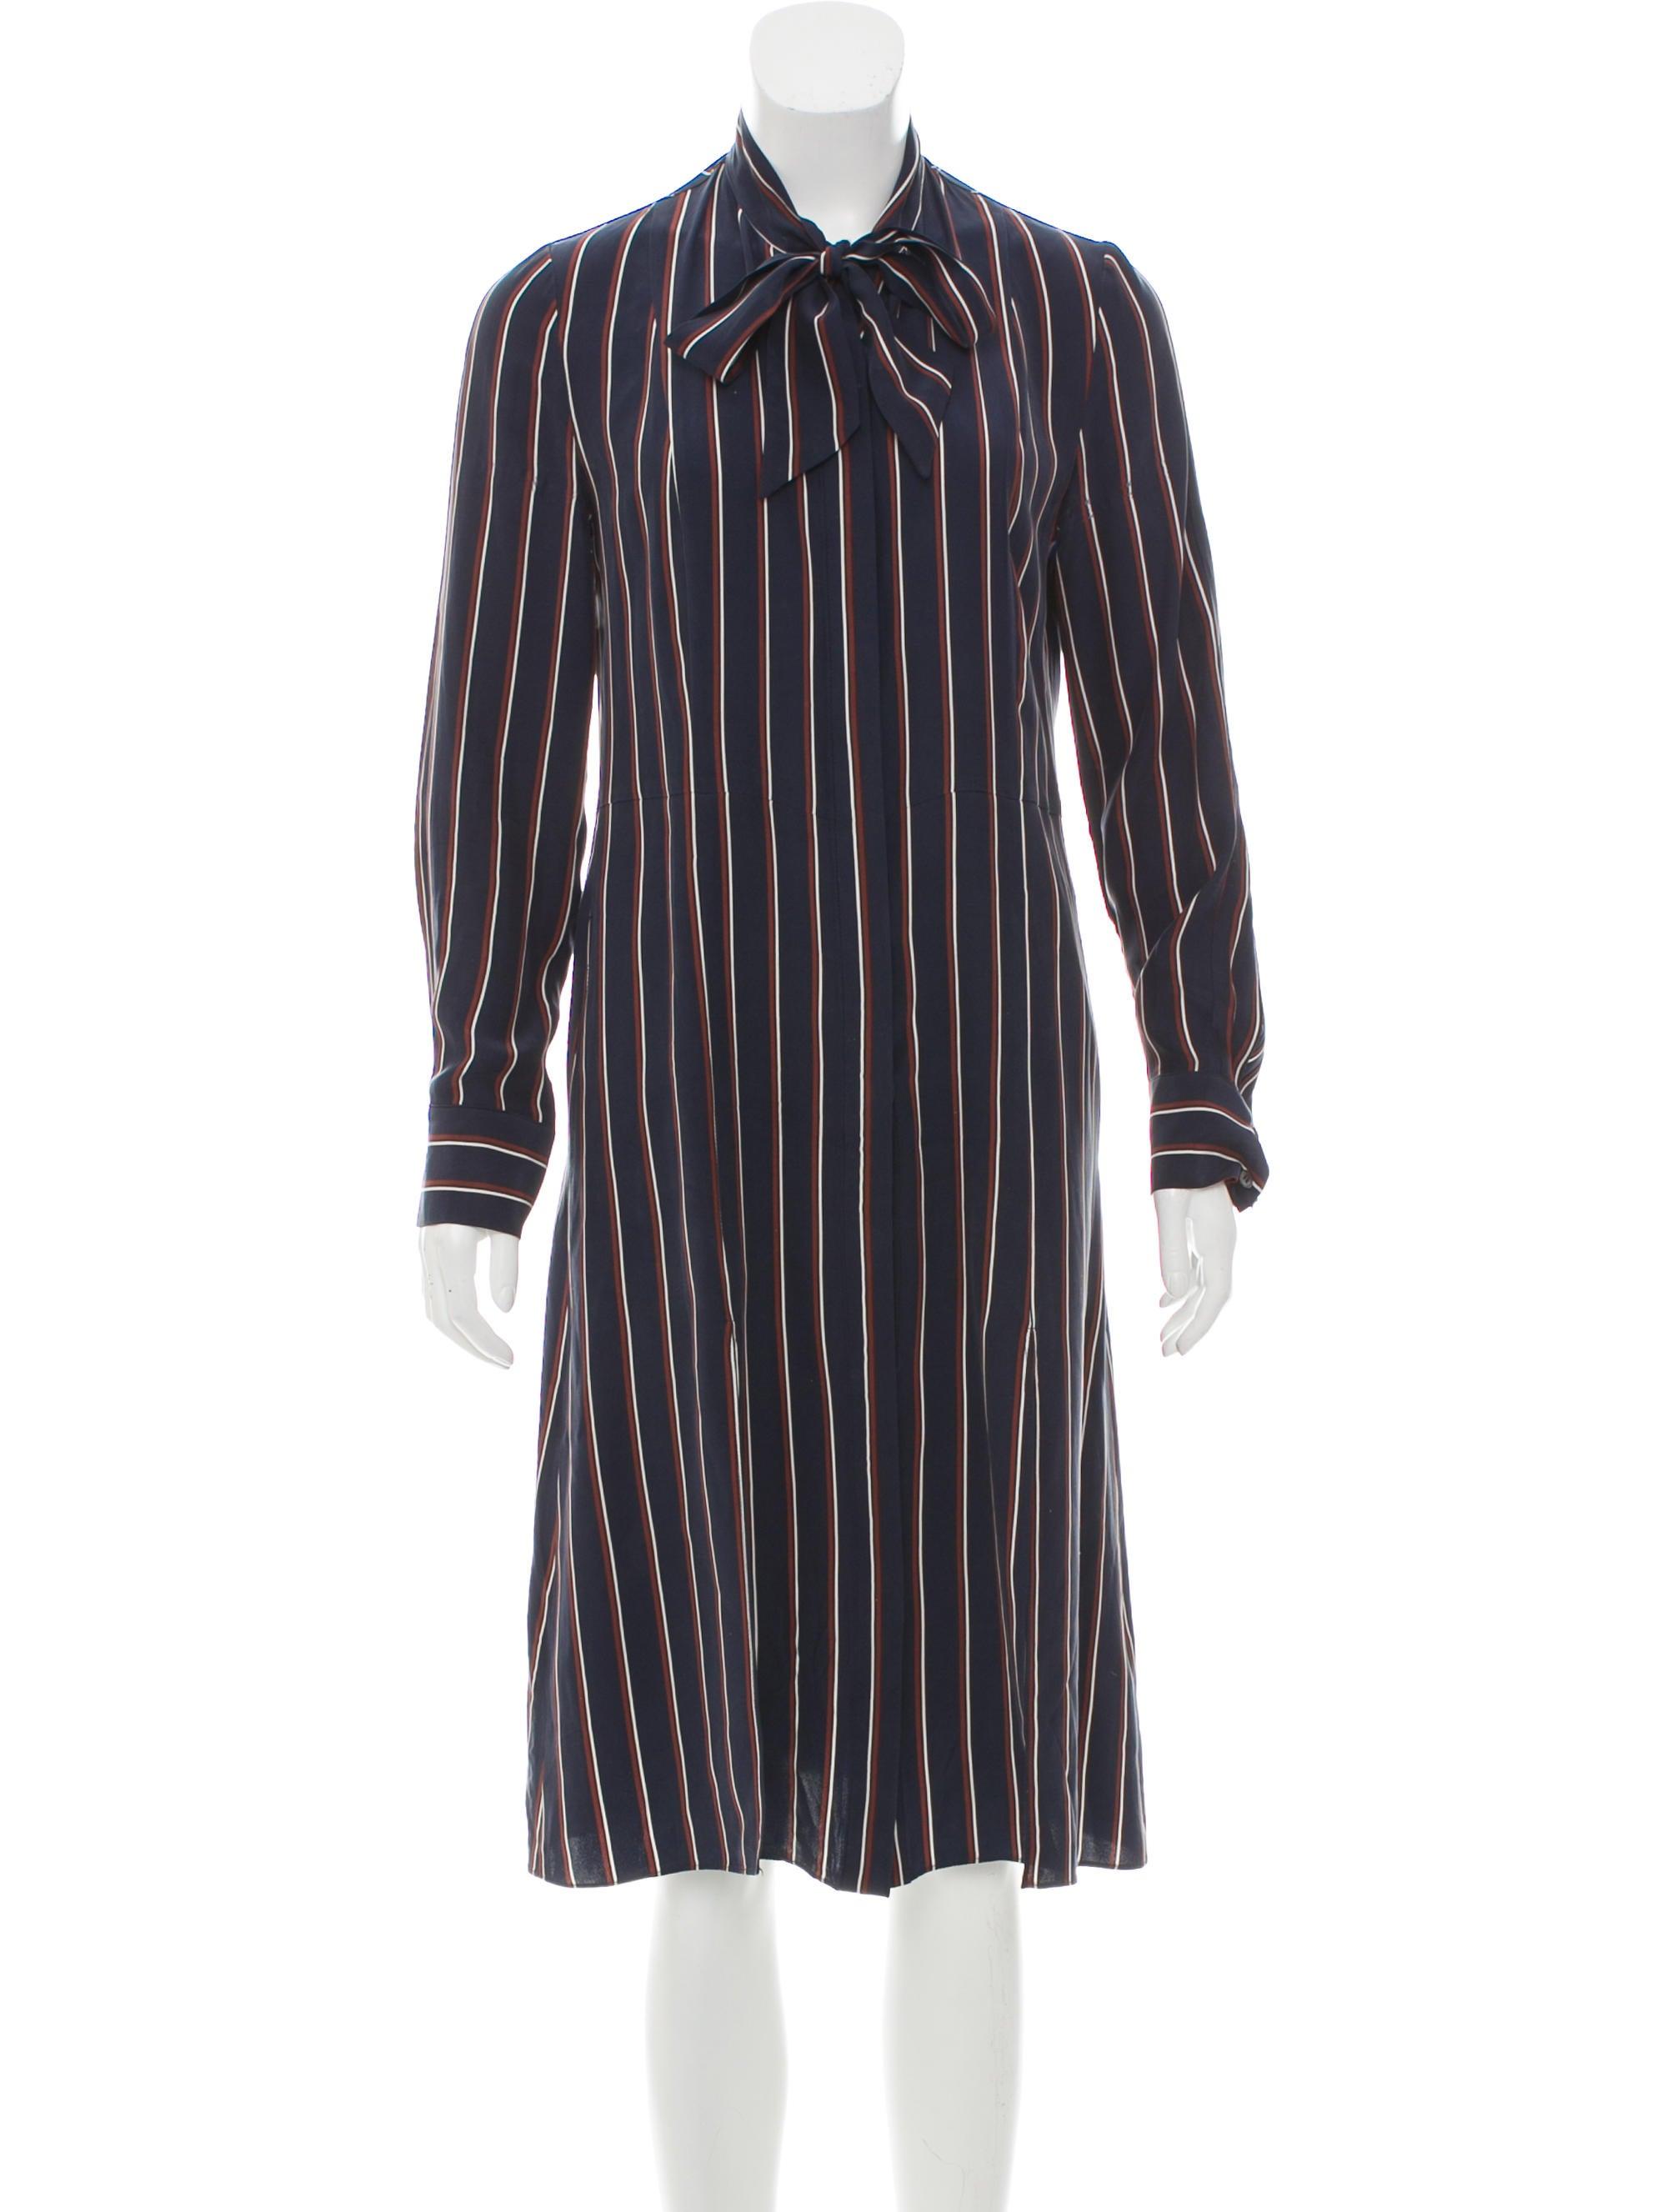 a613b096f9941 Frame Denim Long Sleeve Silk Dress - Clothing - WFD30804